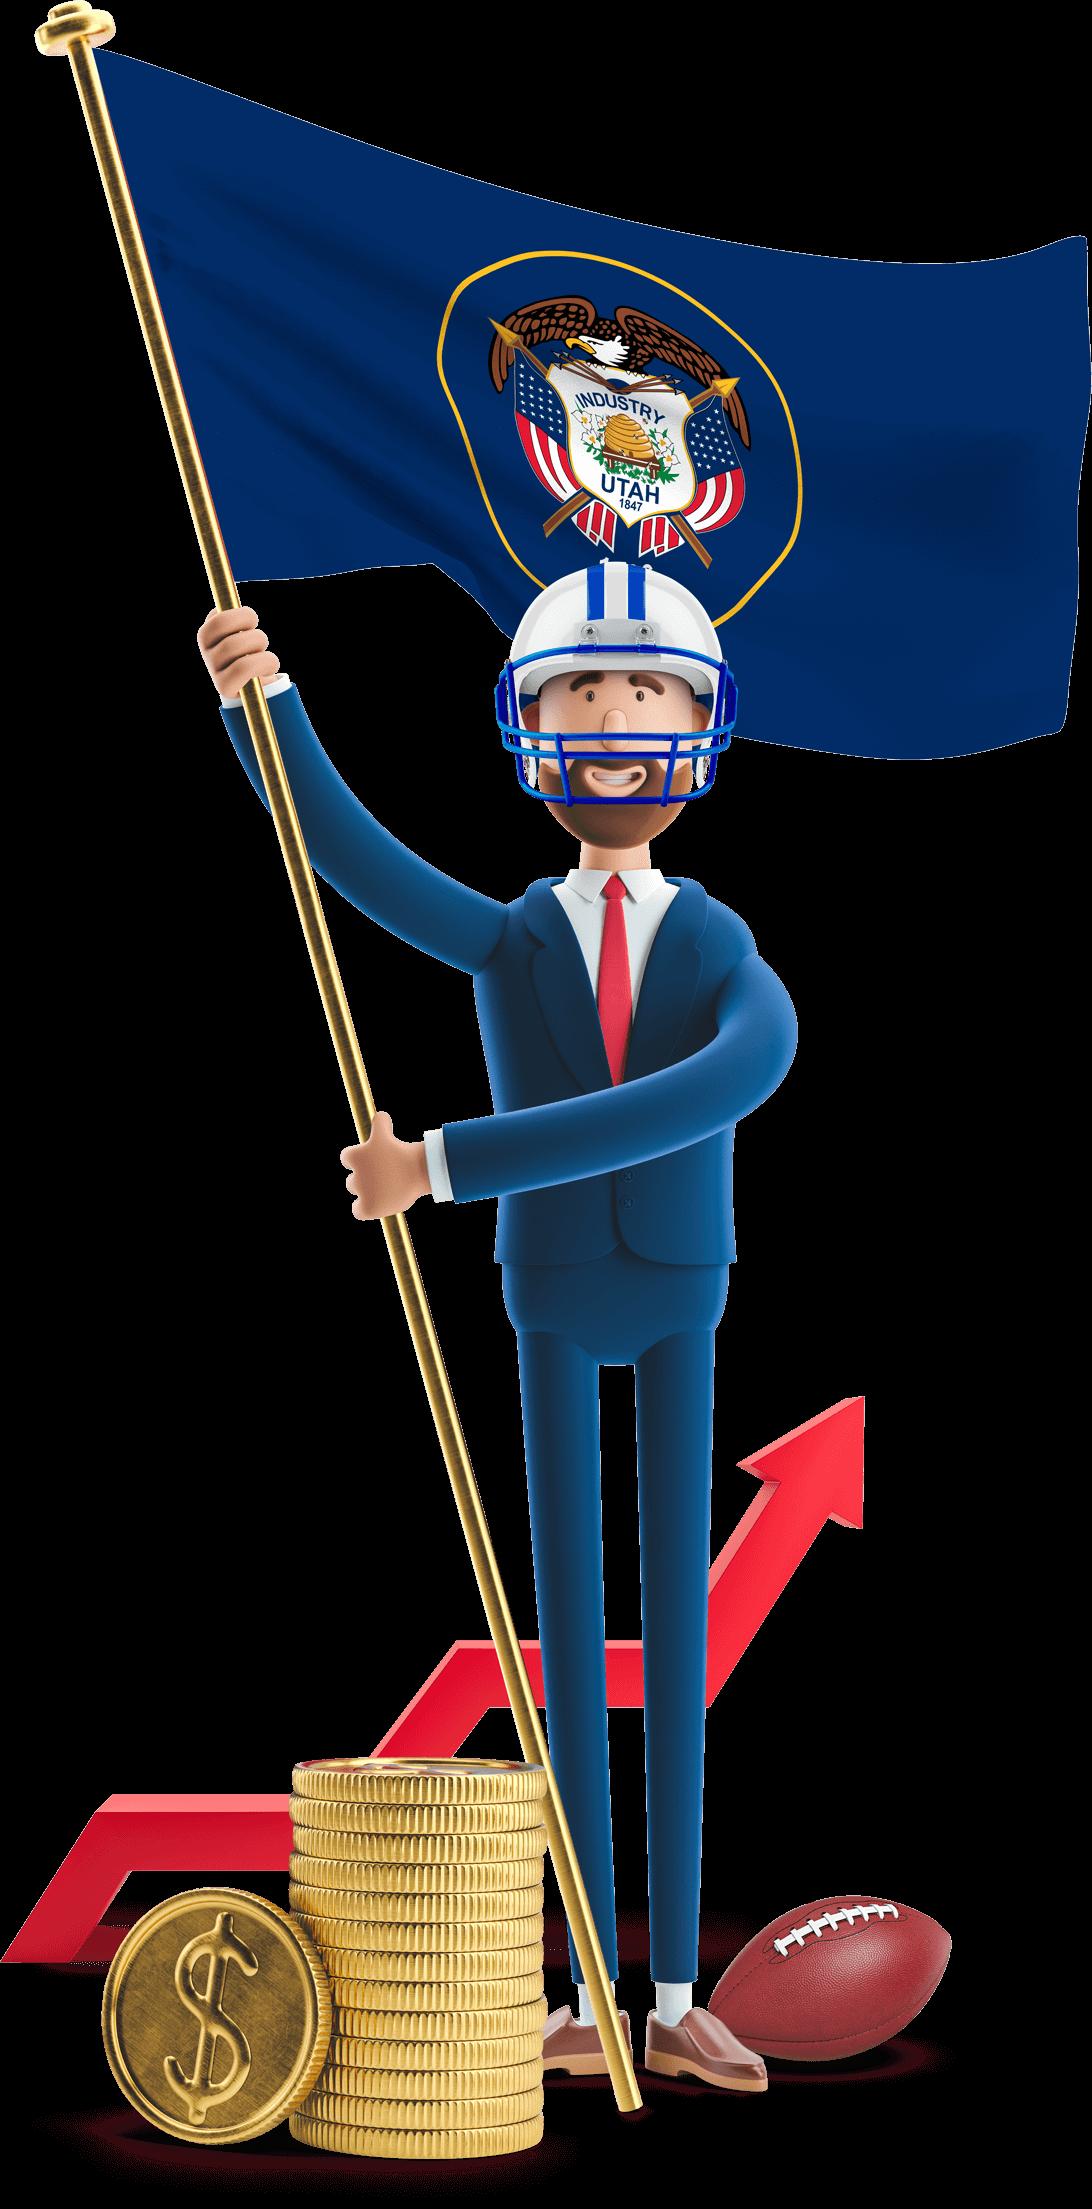 Utah flag held by MetCredit USA businessman who's wearing a football helmet